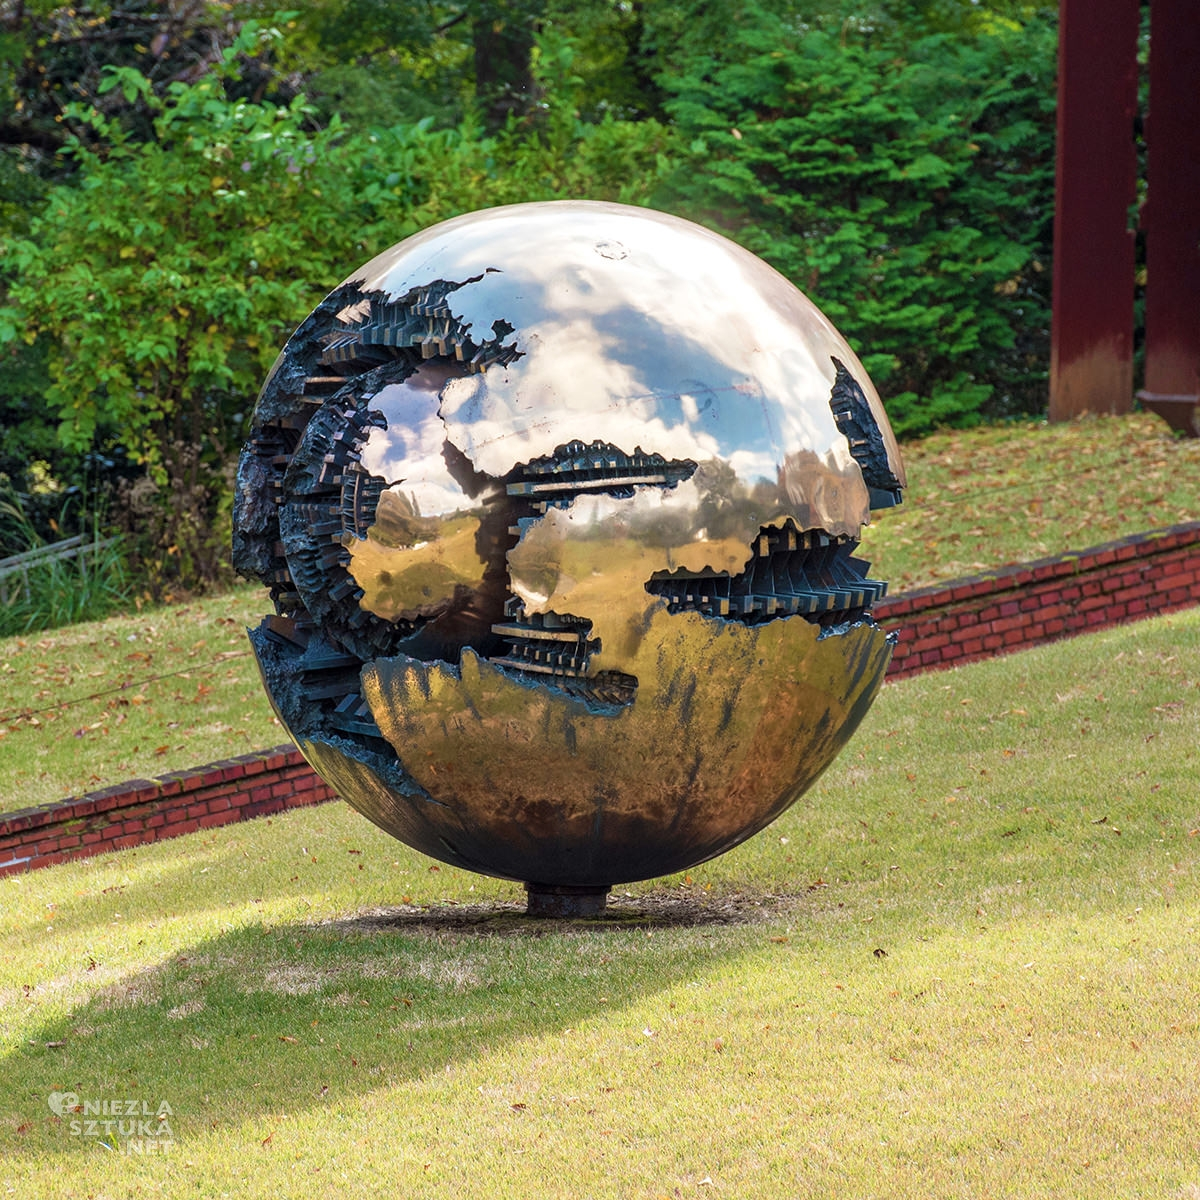 Hakone park, Hakone muzeum, muzeum na świeżym powietrzu, rzeźba, rzeźba w przestrzeni, sztuka współczesna, Japonia, Hakone, niezła sztuka